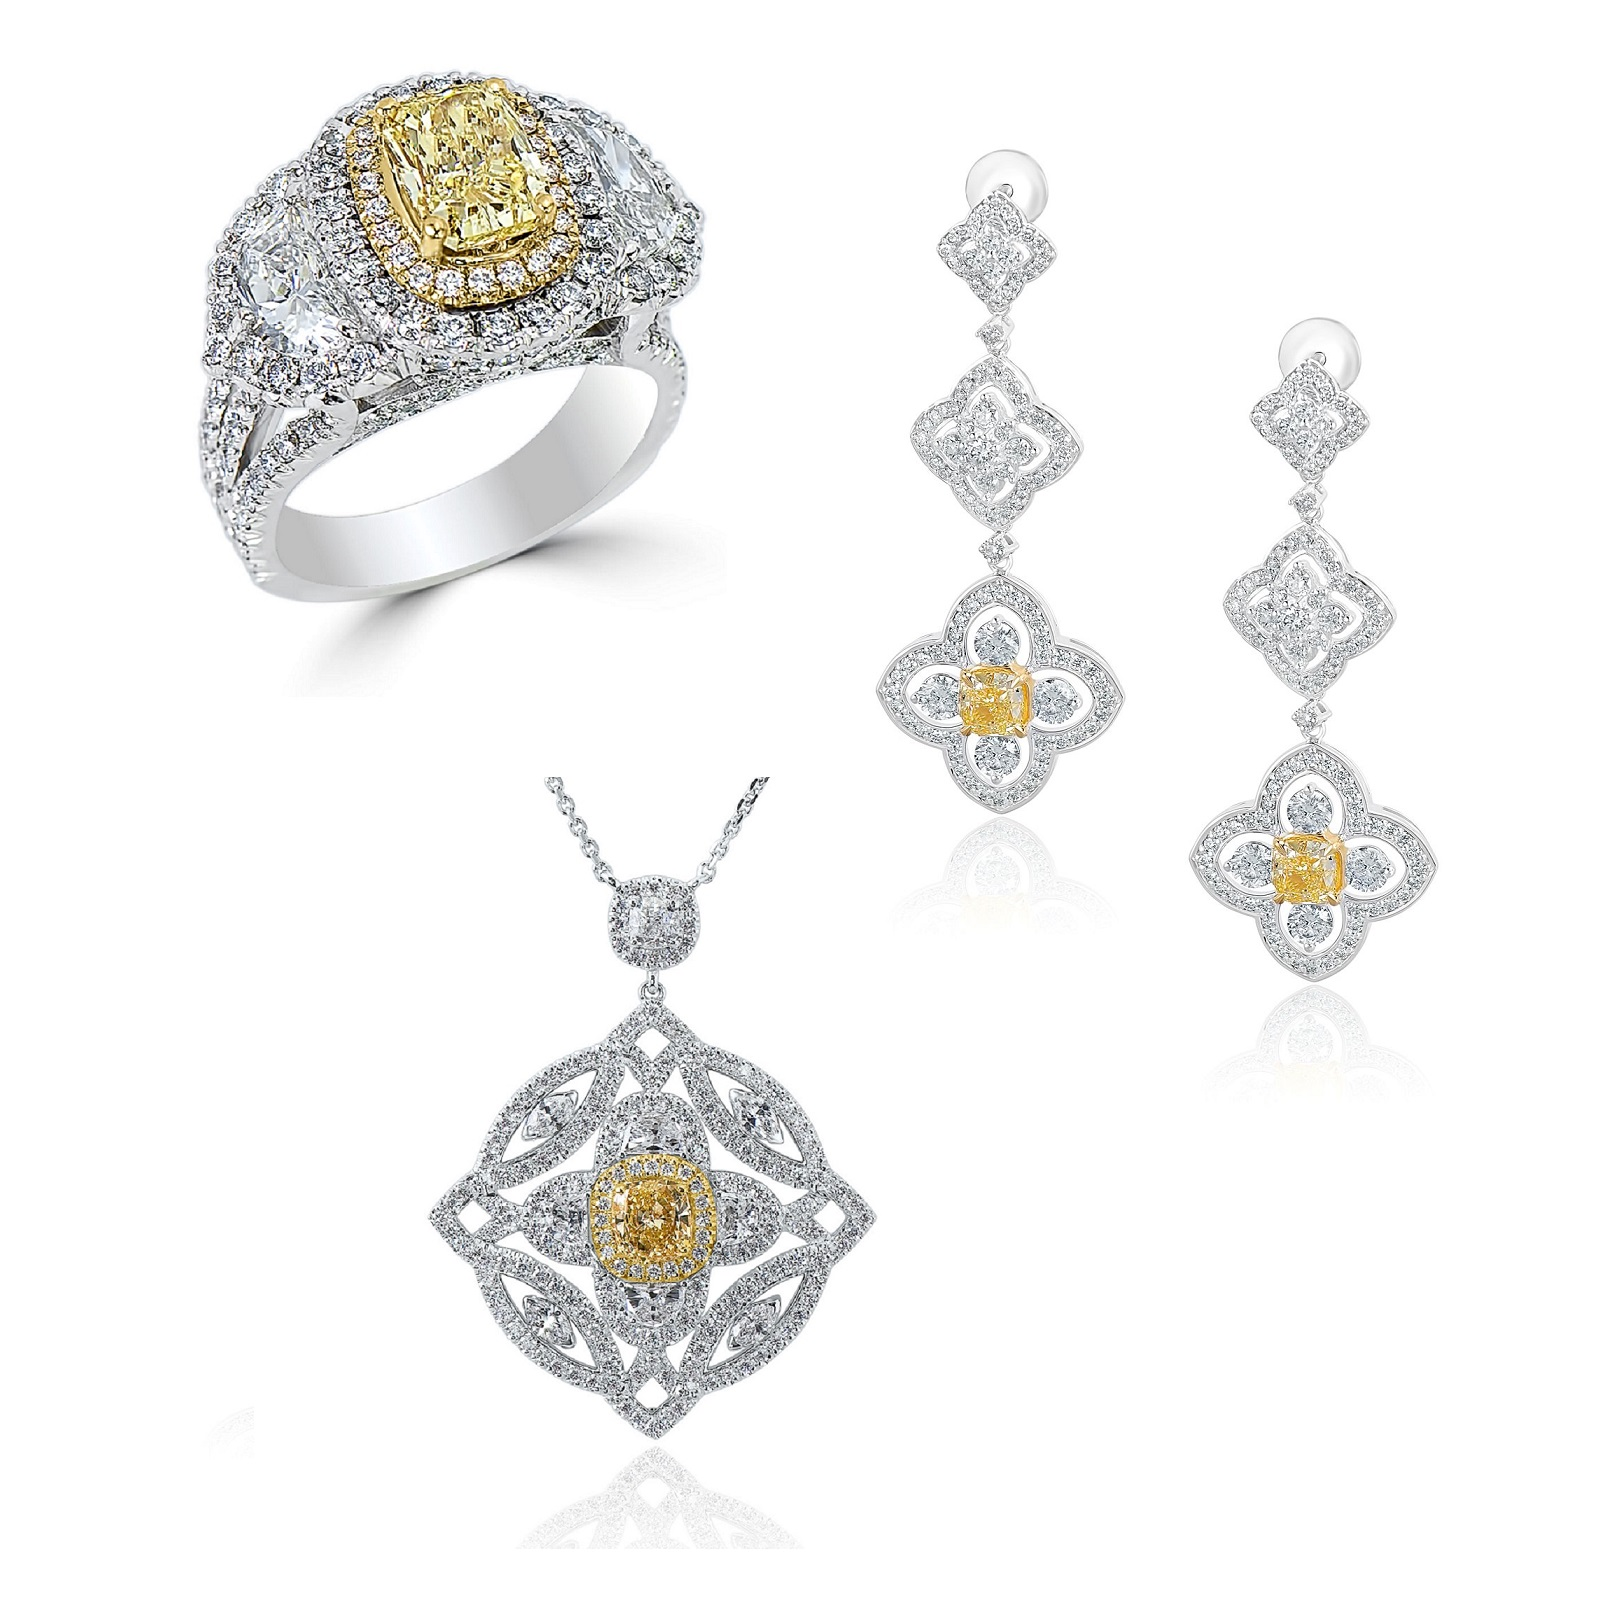 IF Fancy & Fancy Intense Yellow Diamond Ring, Pendant & Earrings Set (16.70ct TW)